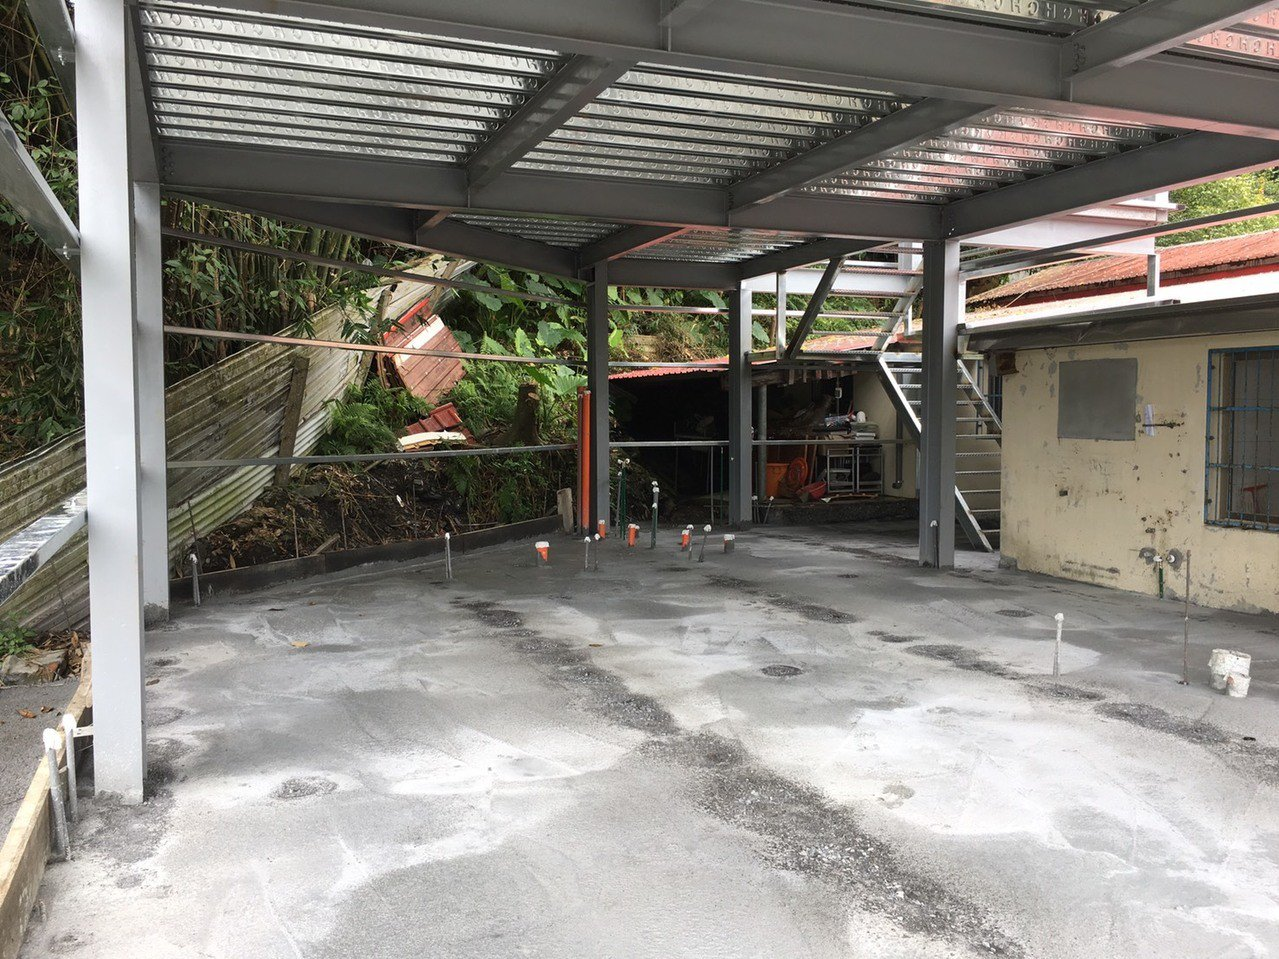 寒溪天主堂後方蓋到一半的宿舍,因為資金短缺,加上近日大雨,施工不易,工程延宕。圖...